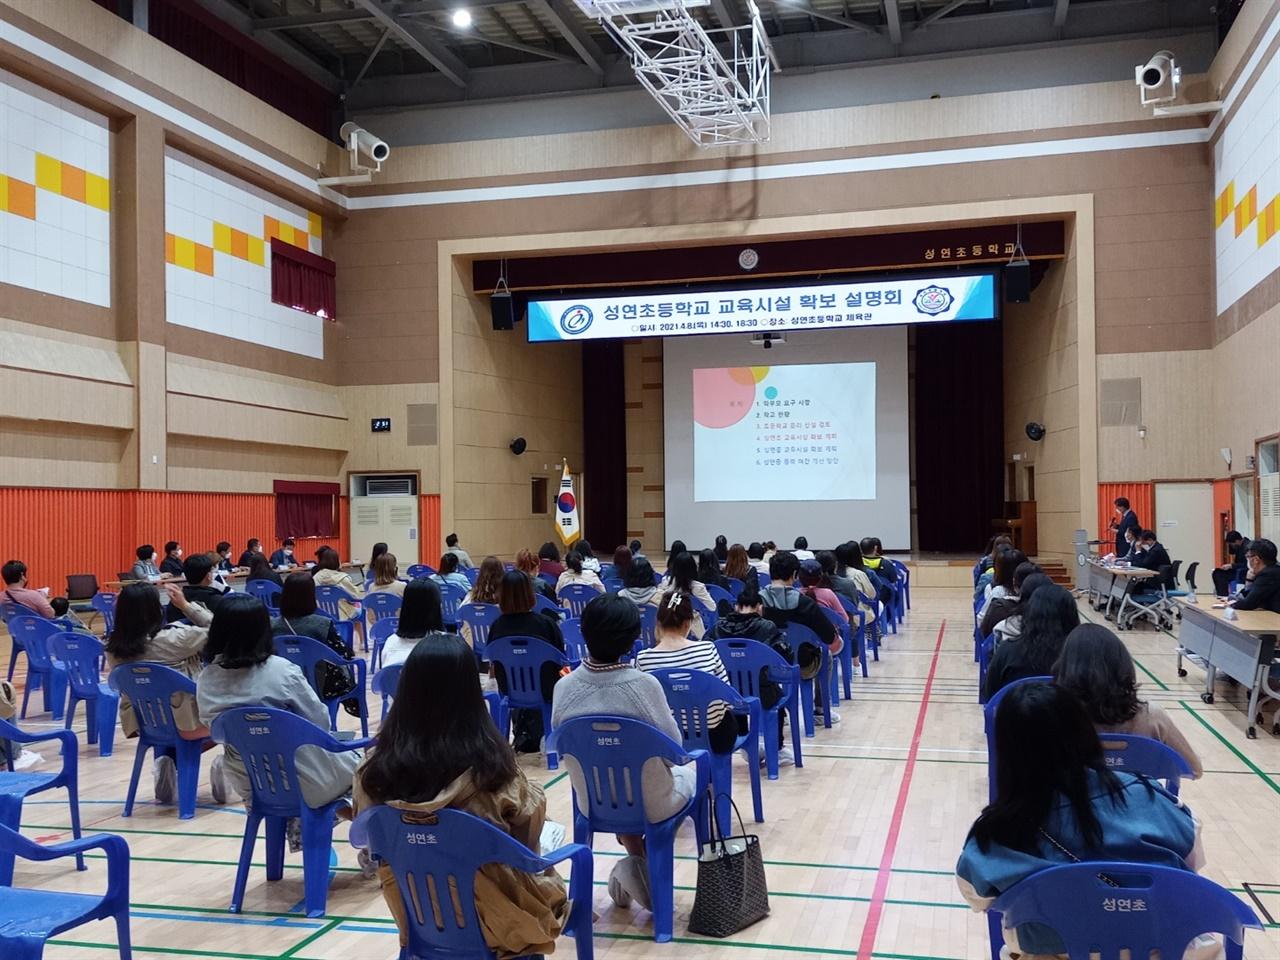 서산교육지원청이 8일 2회에 걸쳐 성연초 교육시설 확보 계획에 대한 설명회를 개최했으나 학부모들의 바람과는 동떨어진 계획안이 나와 한숨만 깊어지게 됐다.